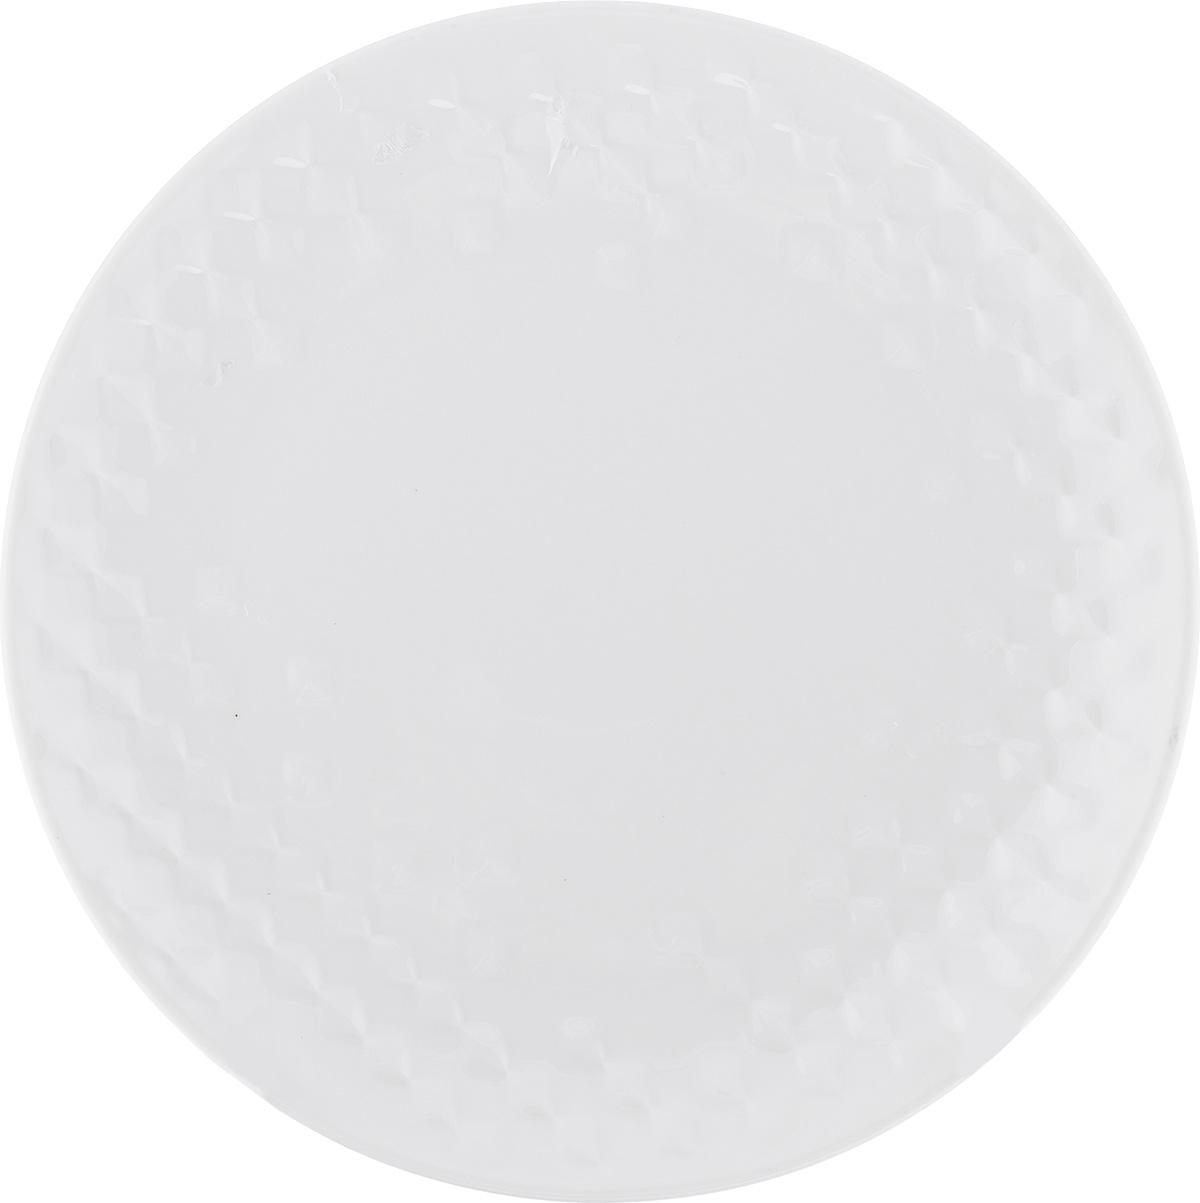 Тарелка десертная Walmer Sapphire, цвет: белый, диаметр 20,5 смW07430021Десертная тарелка Walmer Sapphire изготовлена из экологически чистого фарфора. Изделие оформлено объемным рельефным орнаментом. Такая тарелка прекрасно подходит как для торжественных случаев, так и для повседневного использования. Идеальна для подачи десертов, пирожных, тортов. Она прекрасно оформит стол и станет отличным дополнением к вашей коллекции кухонной посуды. Можно использовать в посудомоечной машине и СВЧ. Диаметр (по верхнему краю): 20,5 см. Высота стенки: 2,3 см.